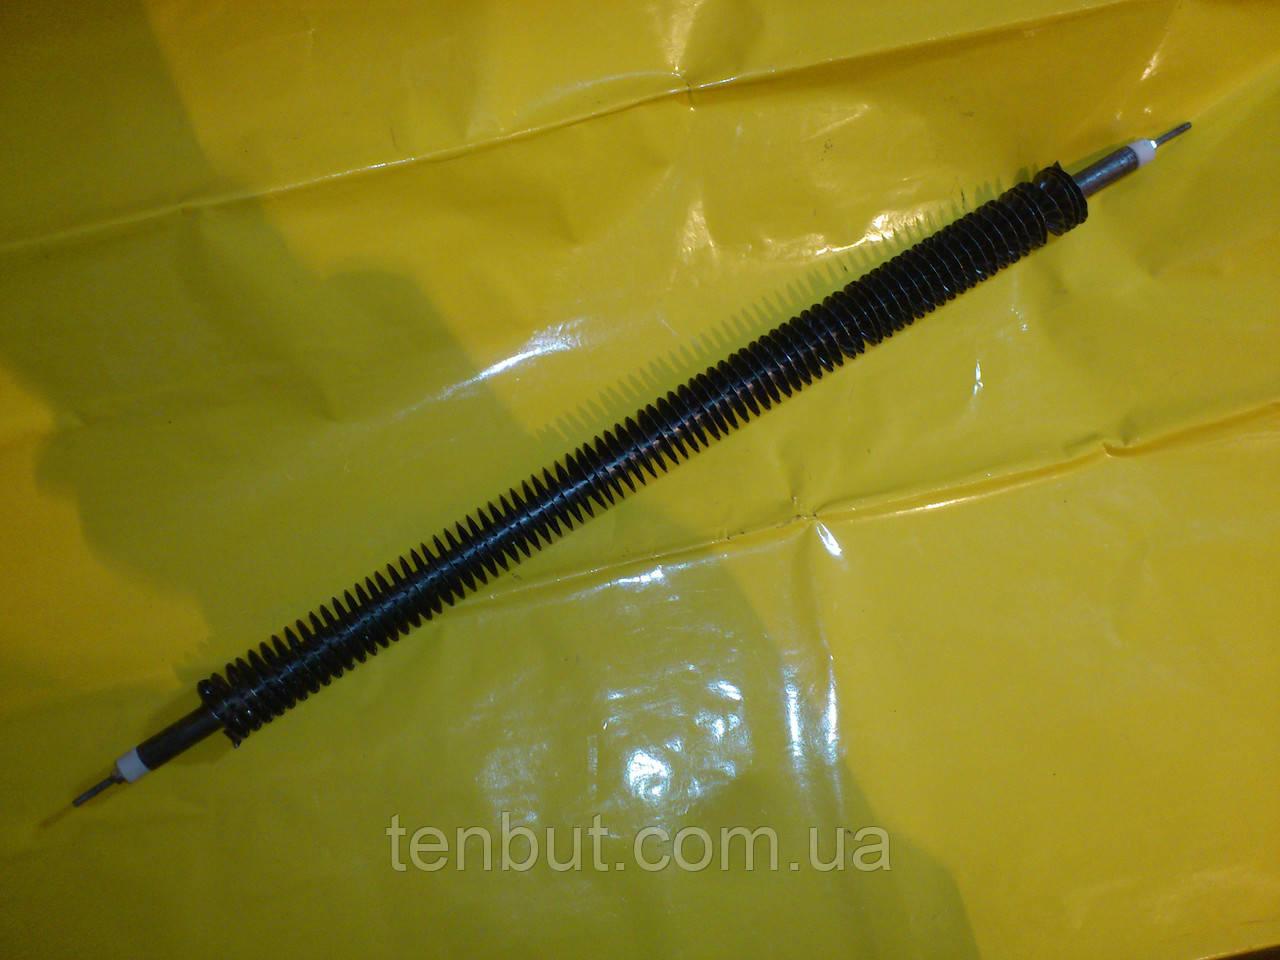 Тэн воздушный оребрённый прямой Ф-13 мм./ L-55 см./ 1.0 кВт. чёрный металл